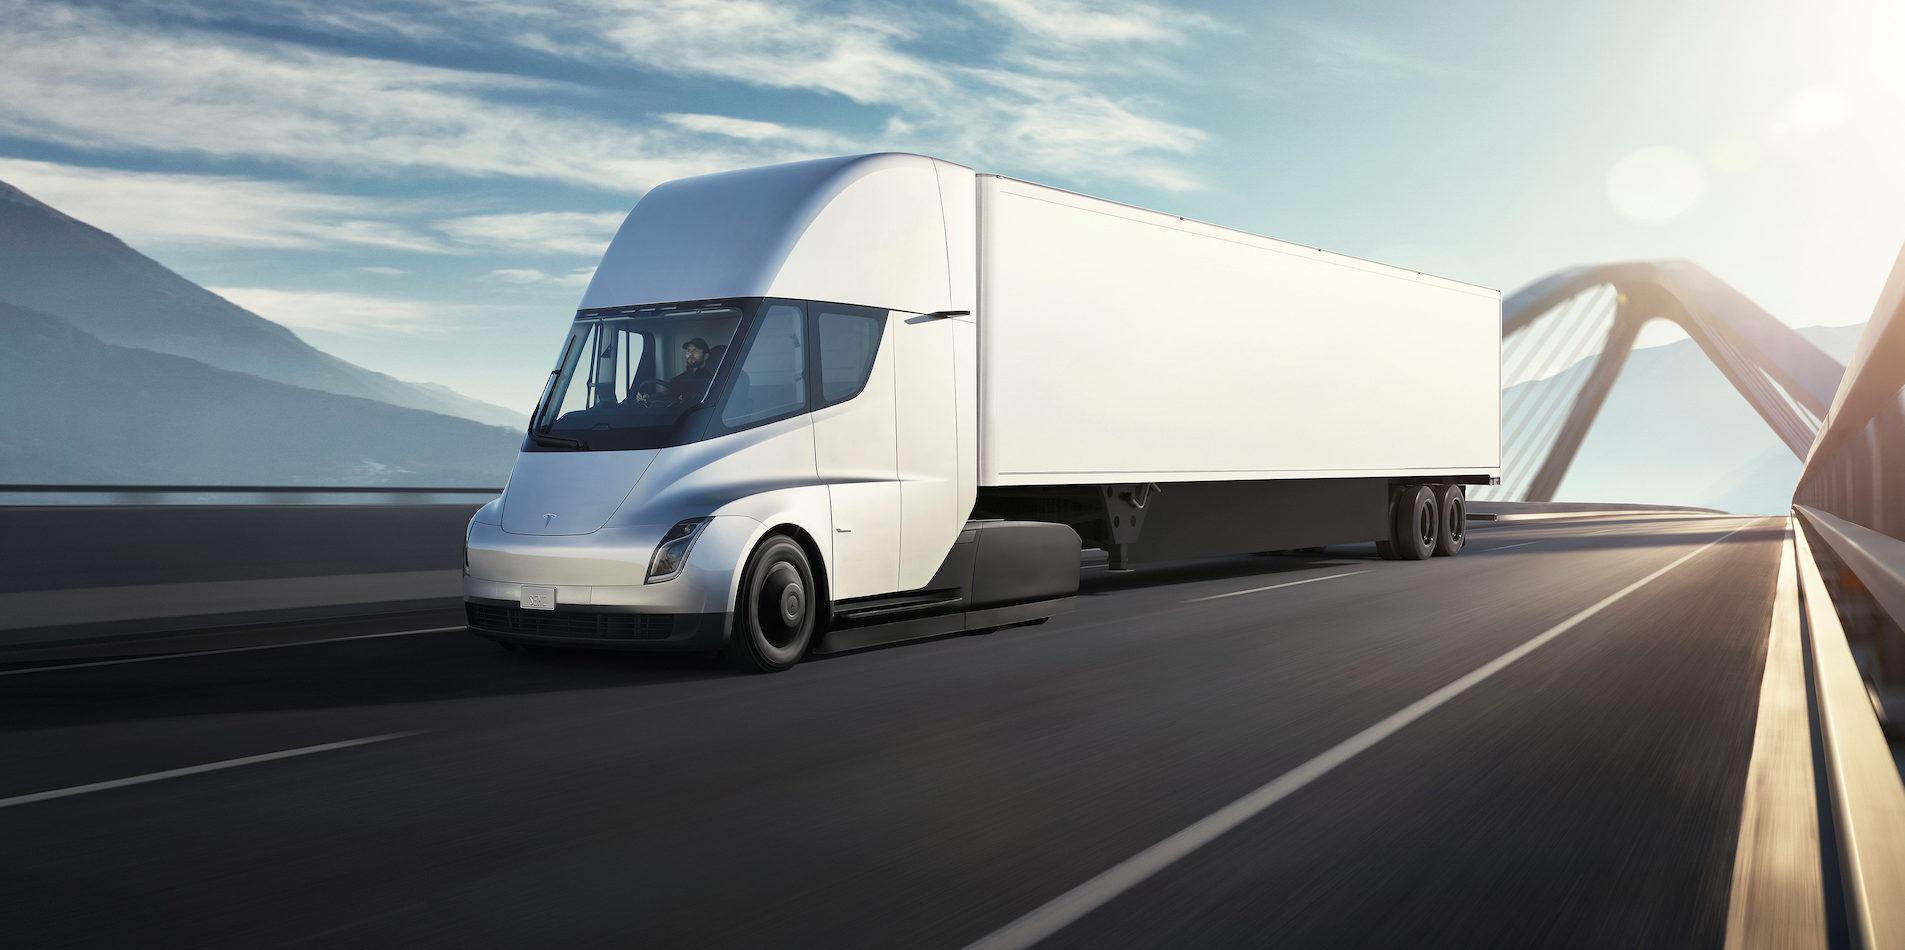 Некоторое время назад в сети появился видеоролик с прототипом экологически чистого грузовика Tesla Semi, и только сейчас пользователи заметили, что в кабине отсутствует водитель!